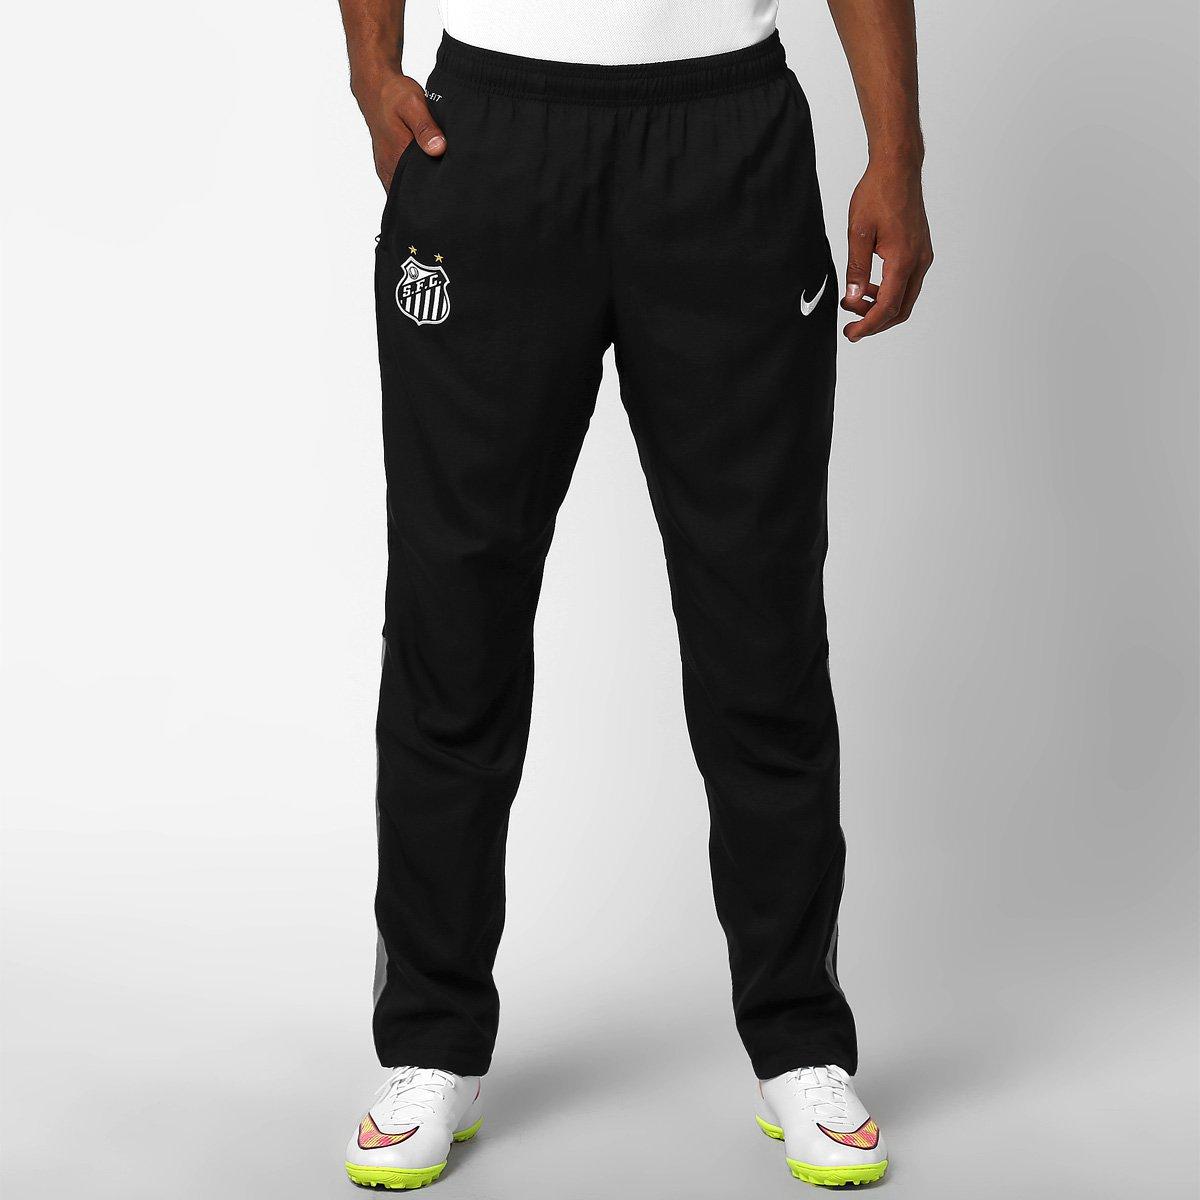 19988be940 Calça Nike Santos Viagem 2015 - Compre Agora